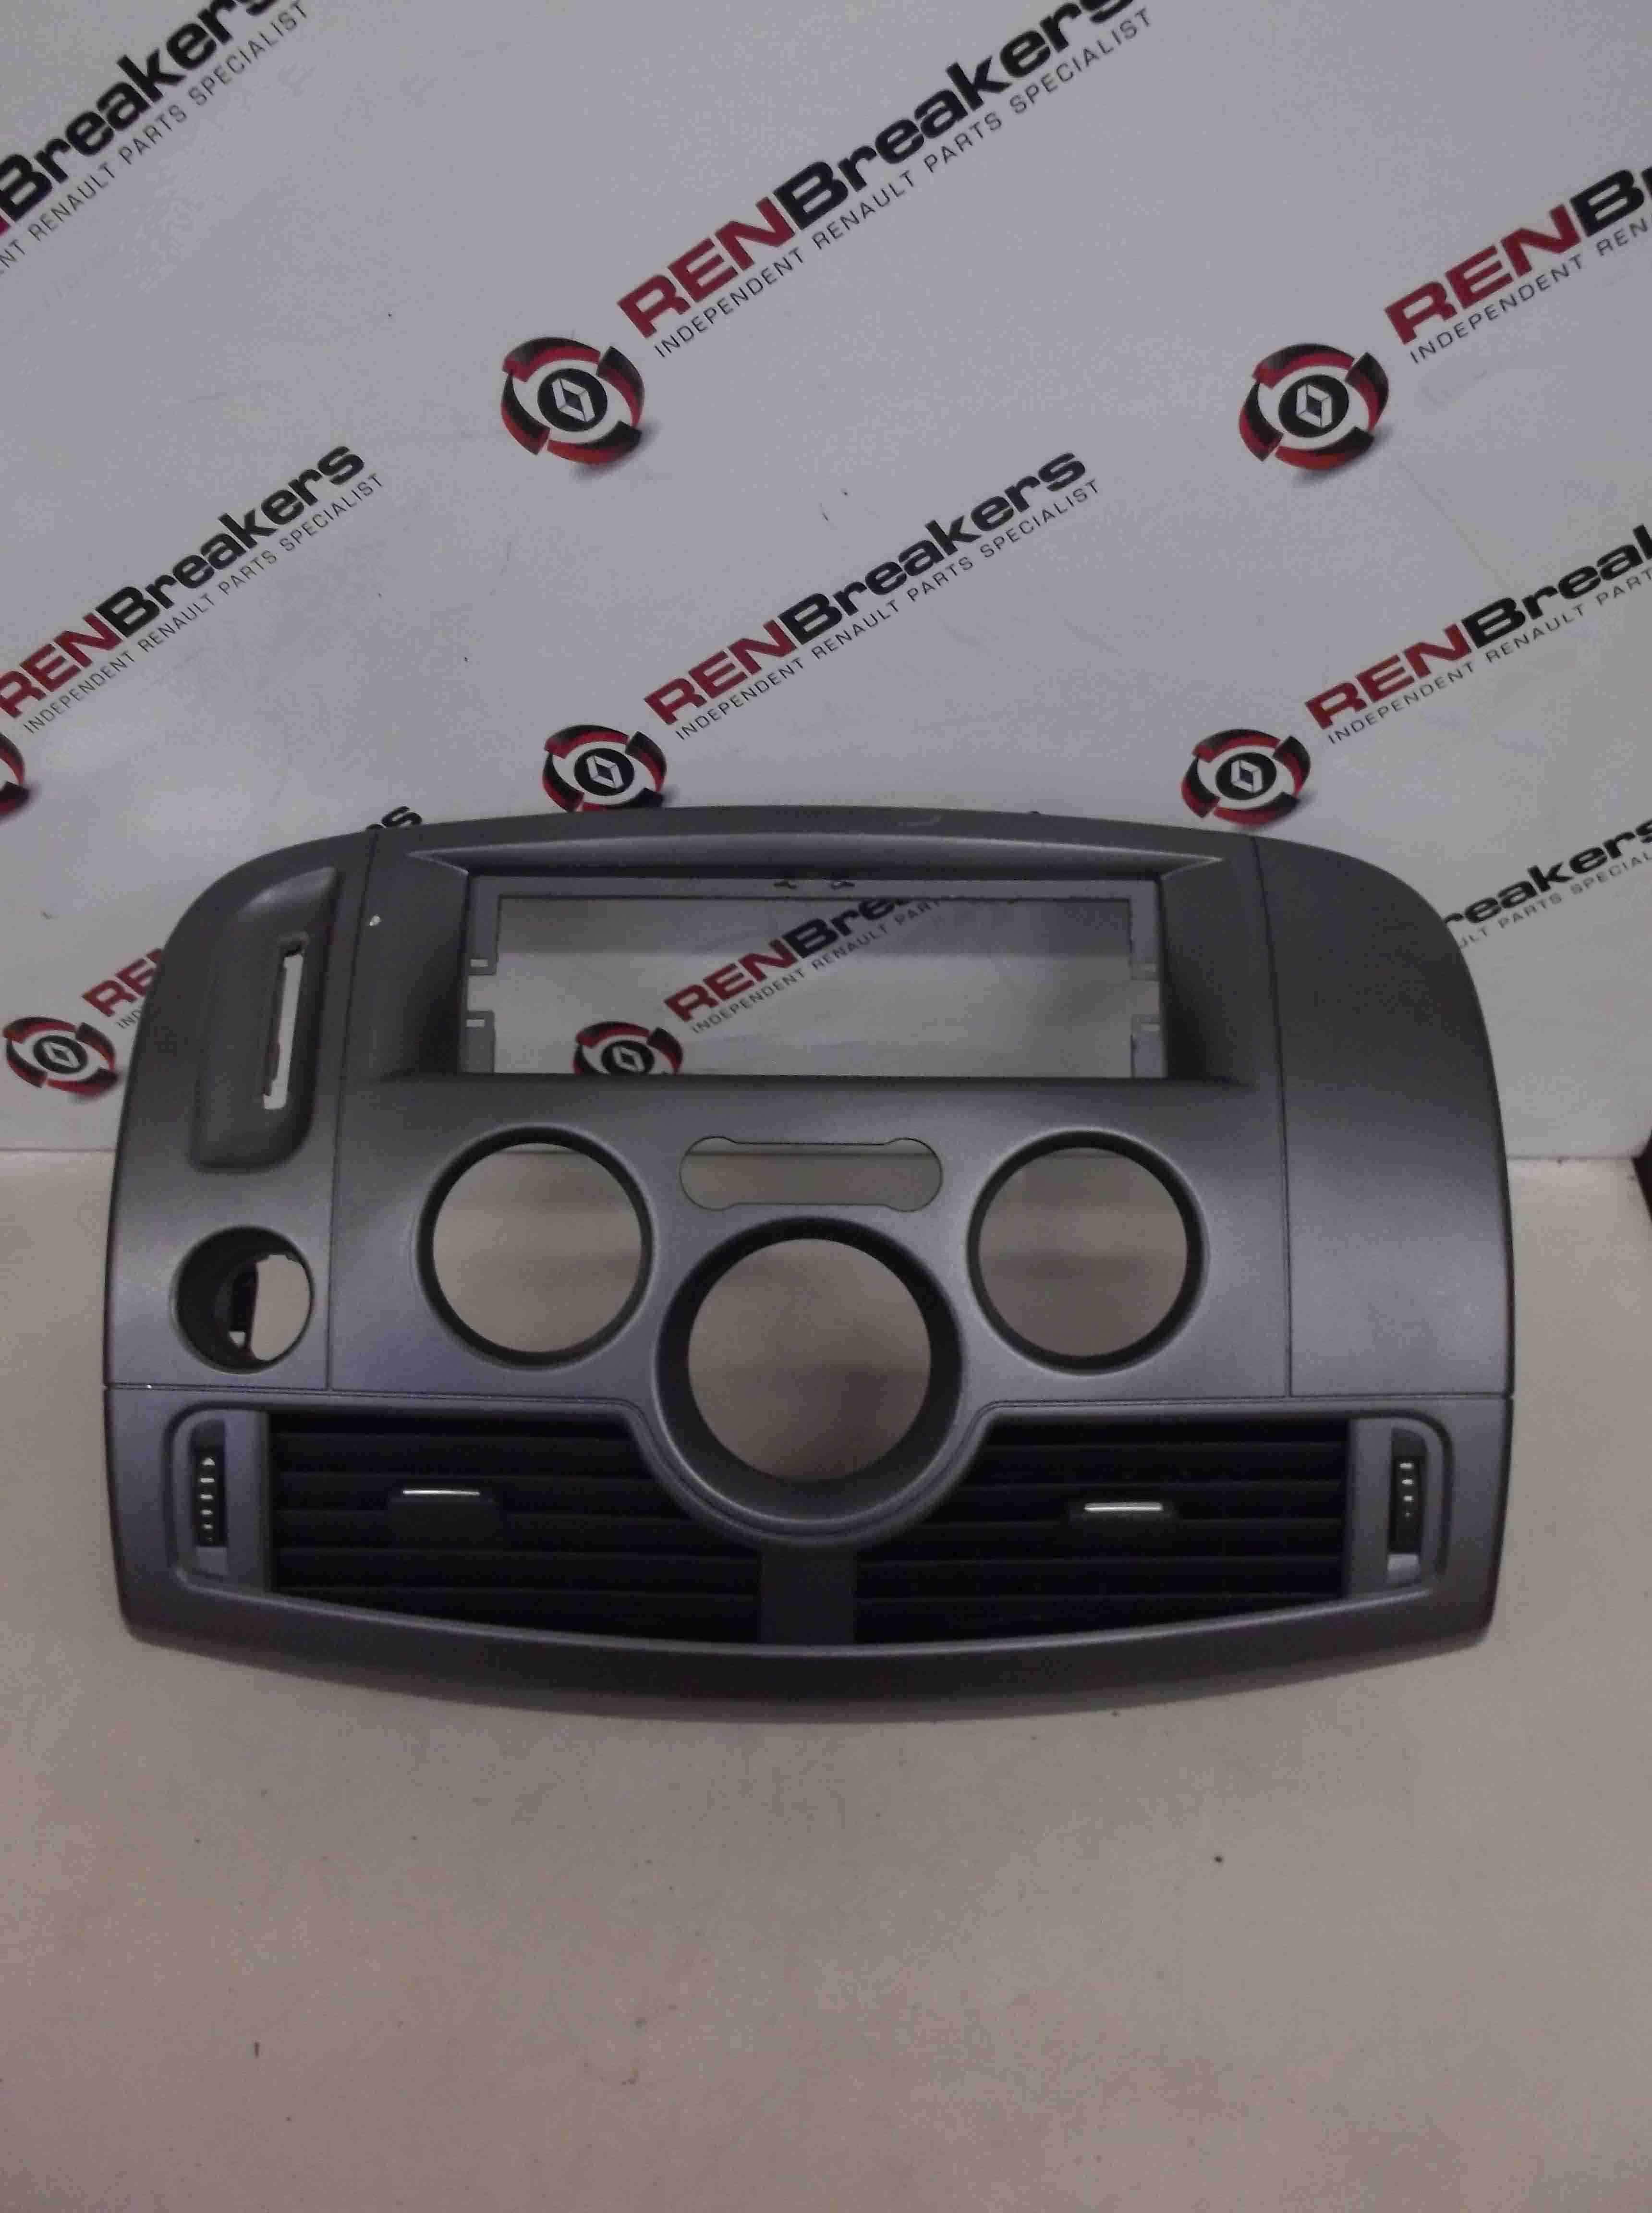 Renault Megane Scenic 2003-2009 Centre Dash Trim Surround Heater Vents